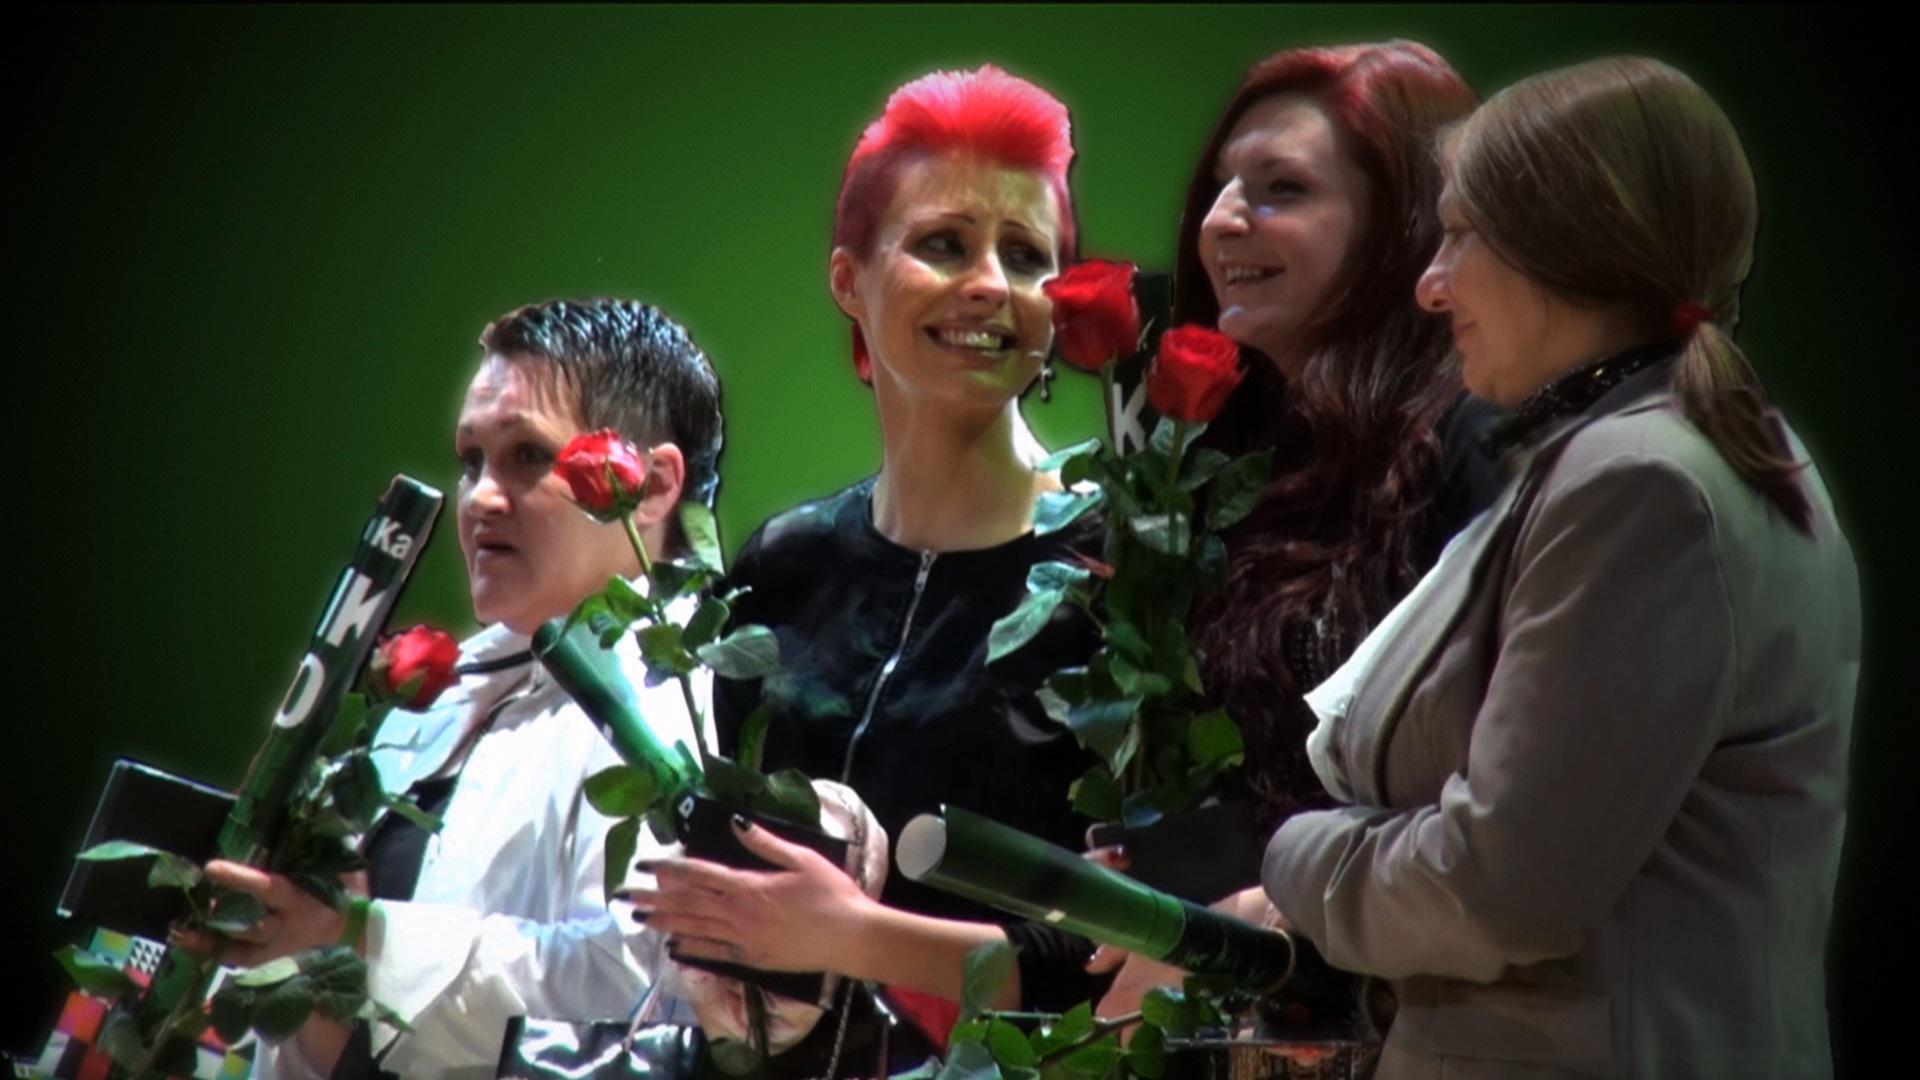 Kobiety z kwiatami, kobieta z czerwonymi włosami, kobieta w białej bluzce